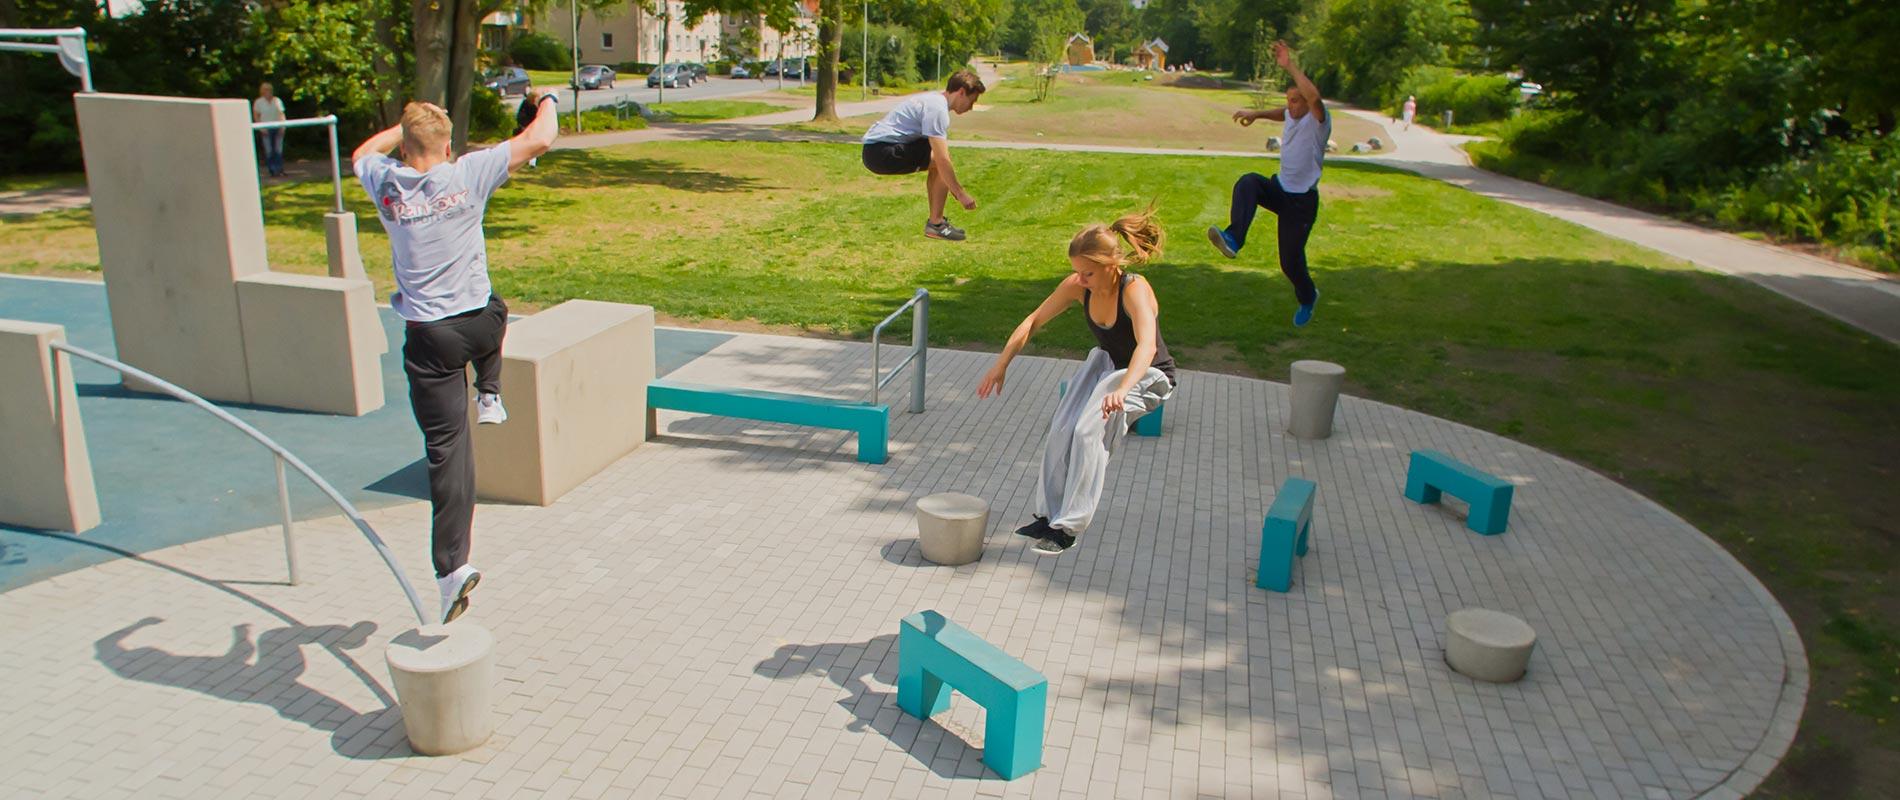 X-Move Parkourlauf Freerunning Traceur Parkouranlagen Herne  - Planung und Umsetzung